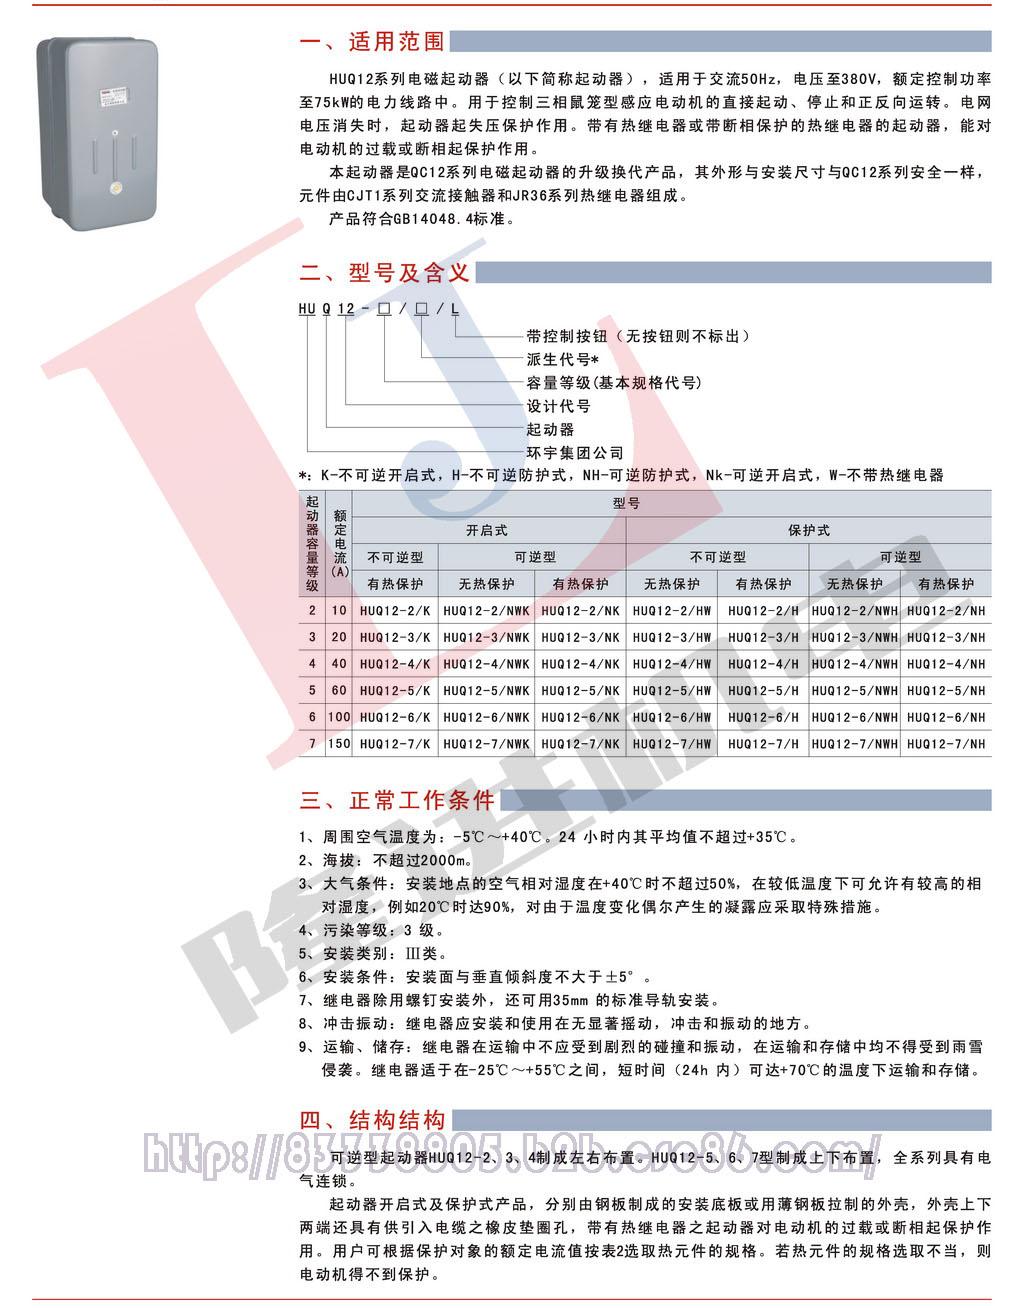 环宇HUQ12系列电磁启动器图片一